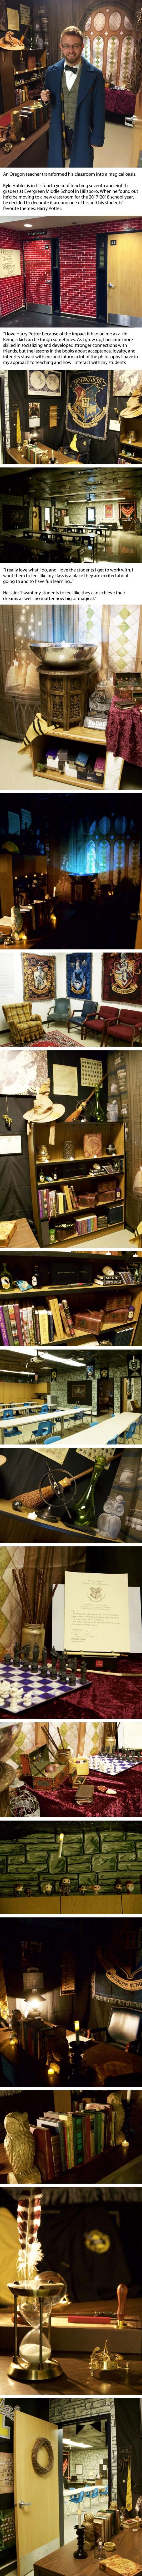 Teacher creates a 'Harry Potter'-themed classroom